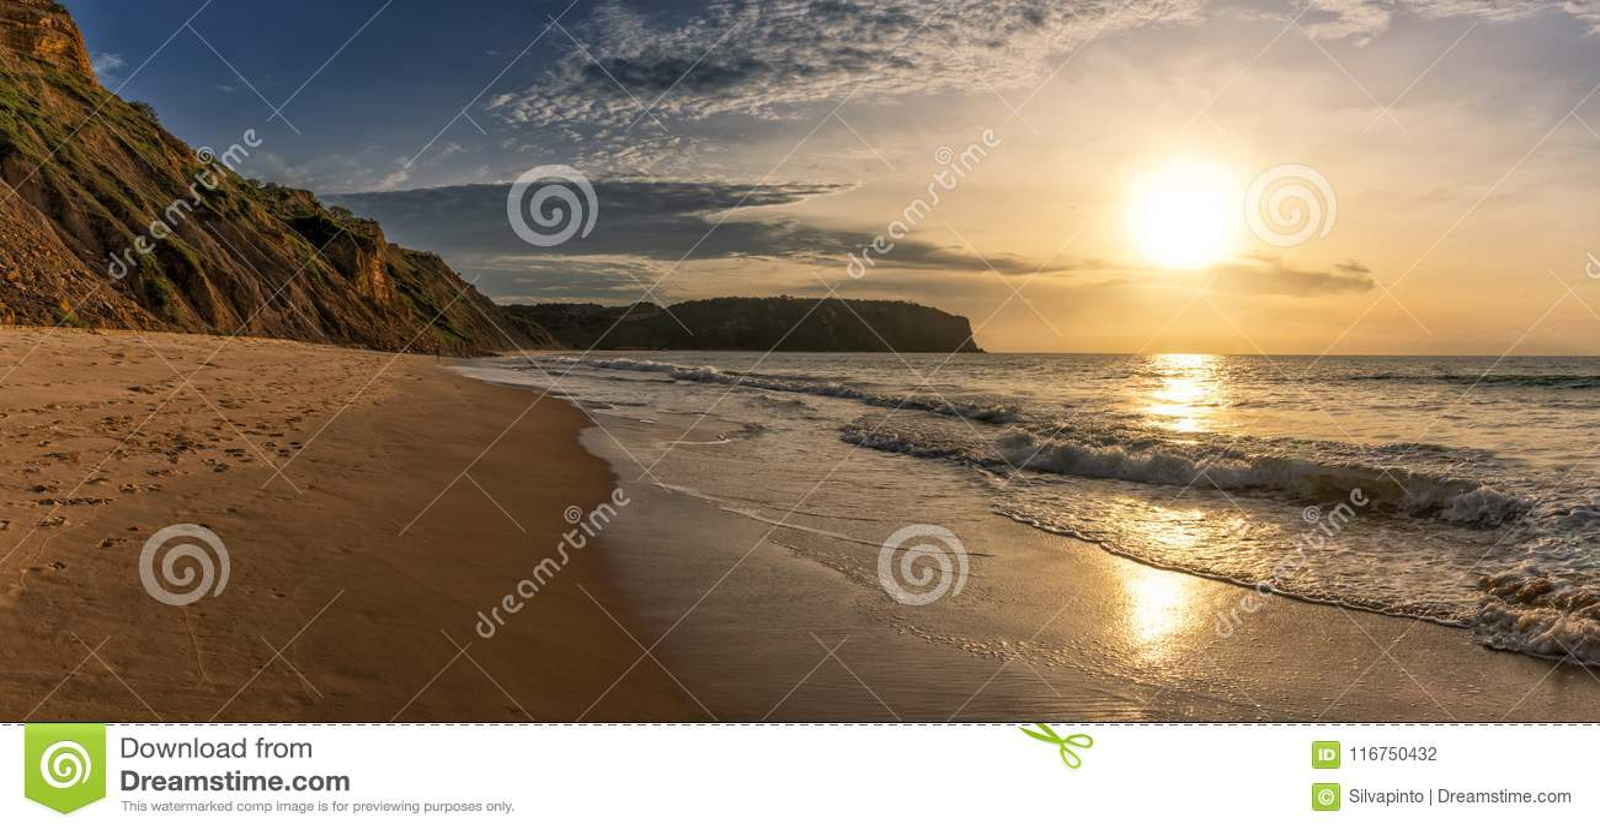 Красивый заход солнца на пляже Cabo Ledo anisette вышесказанного